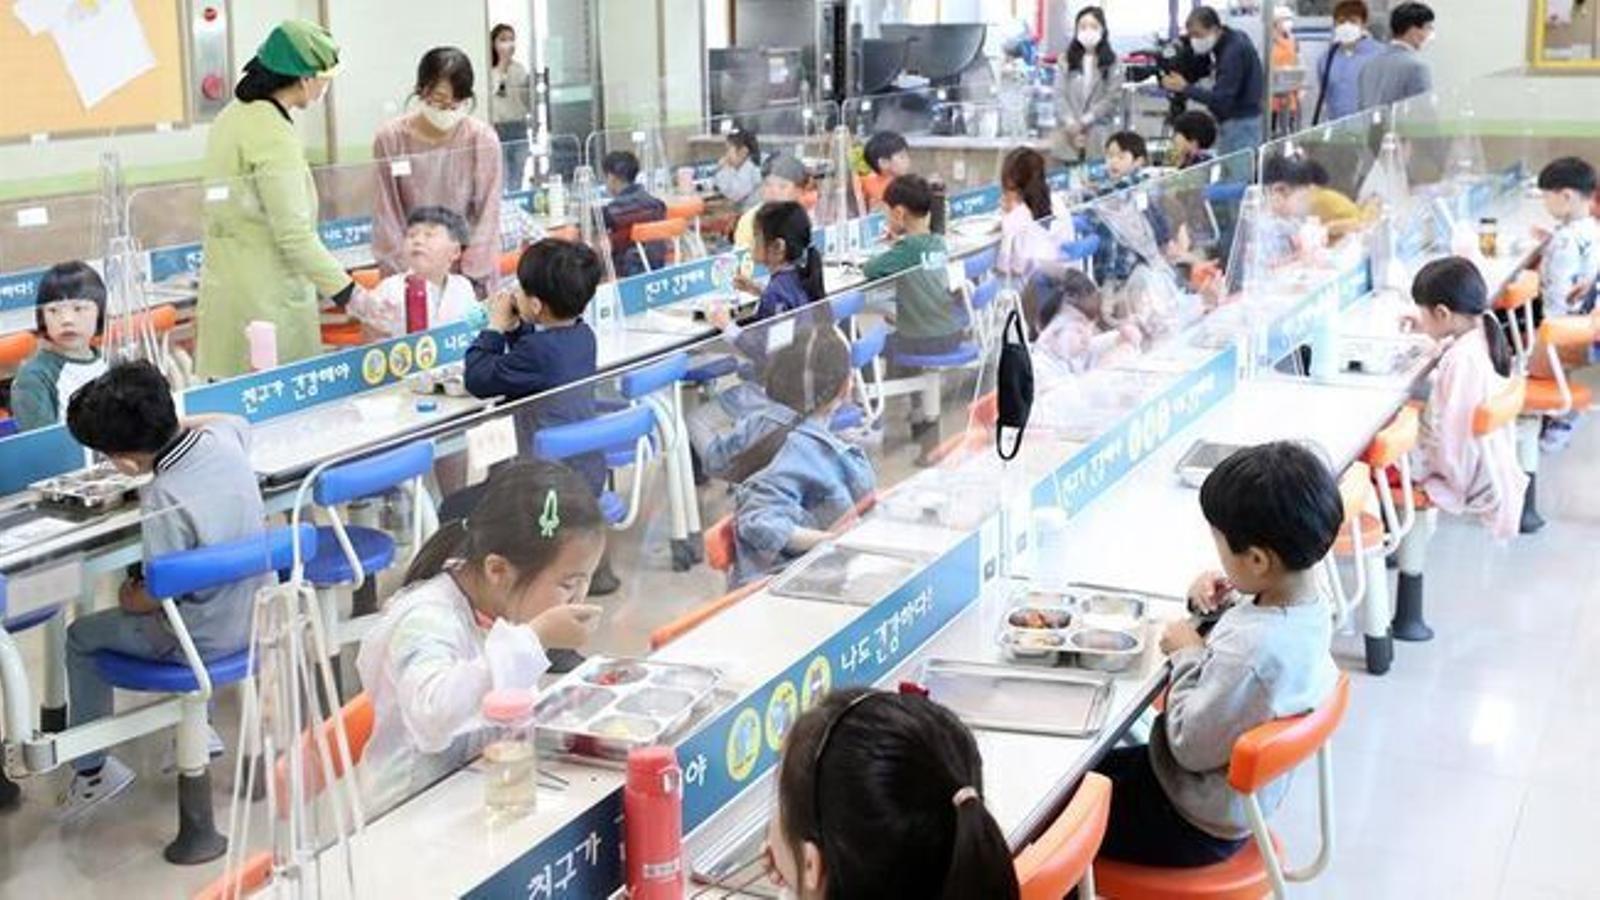 Alumnes de primària en un menjador escolar a Seül